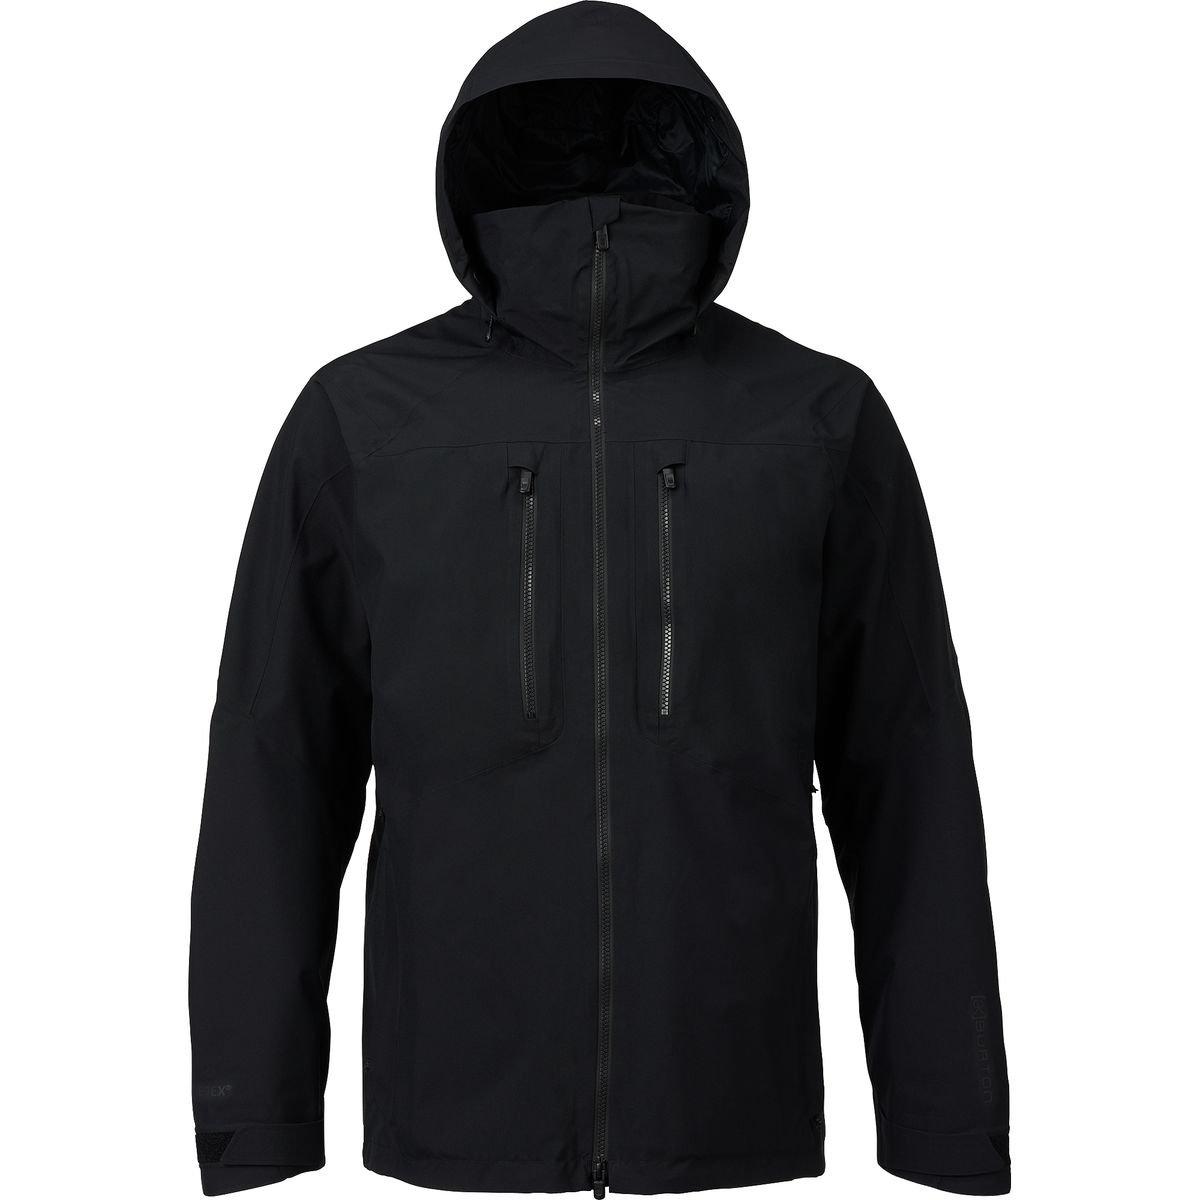 (バートン) Burton AK 2L Swash Gore-Tex Jacket メンズ ジャケットDrydye Black [並行輸入品] B076WNDJ32 日本サイズ M (US S)|Drydye Black Drydye Black 日本サイズ M (US S)